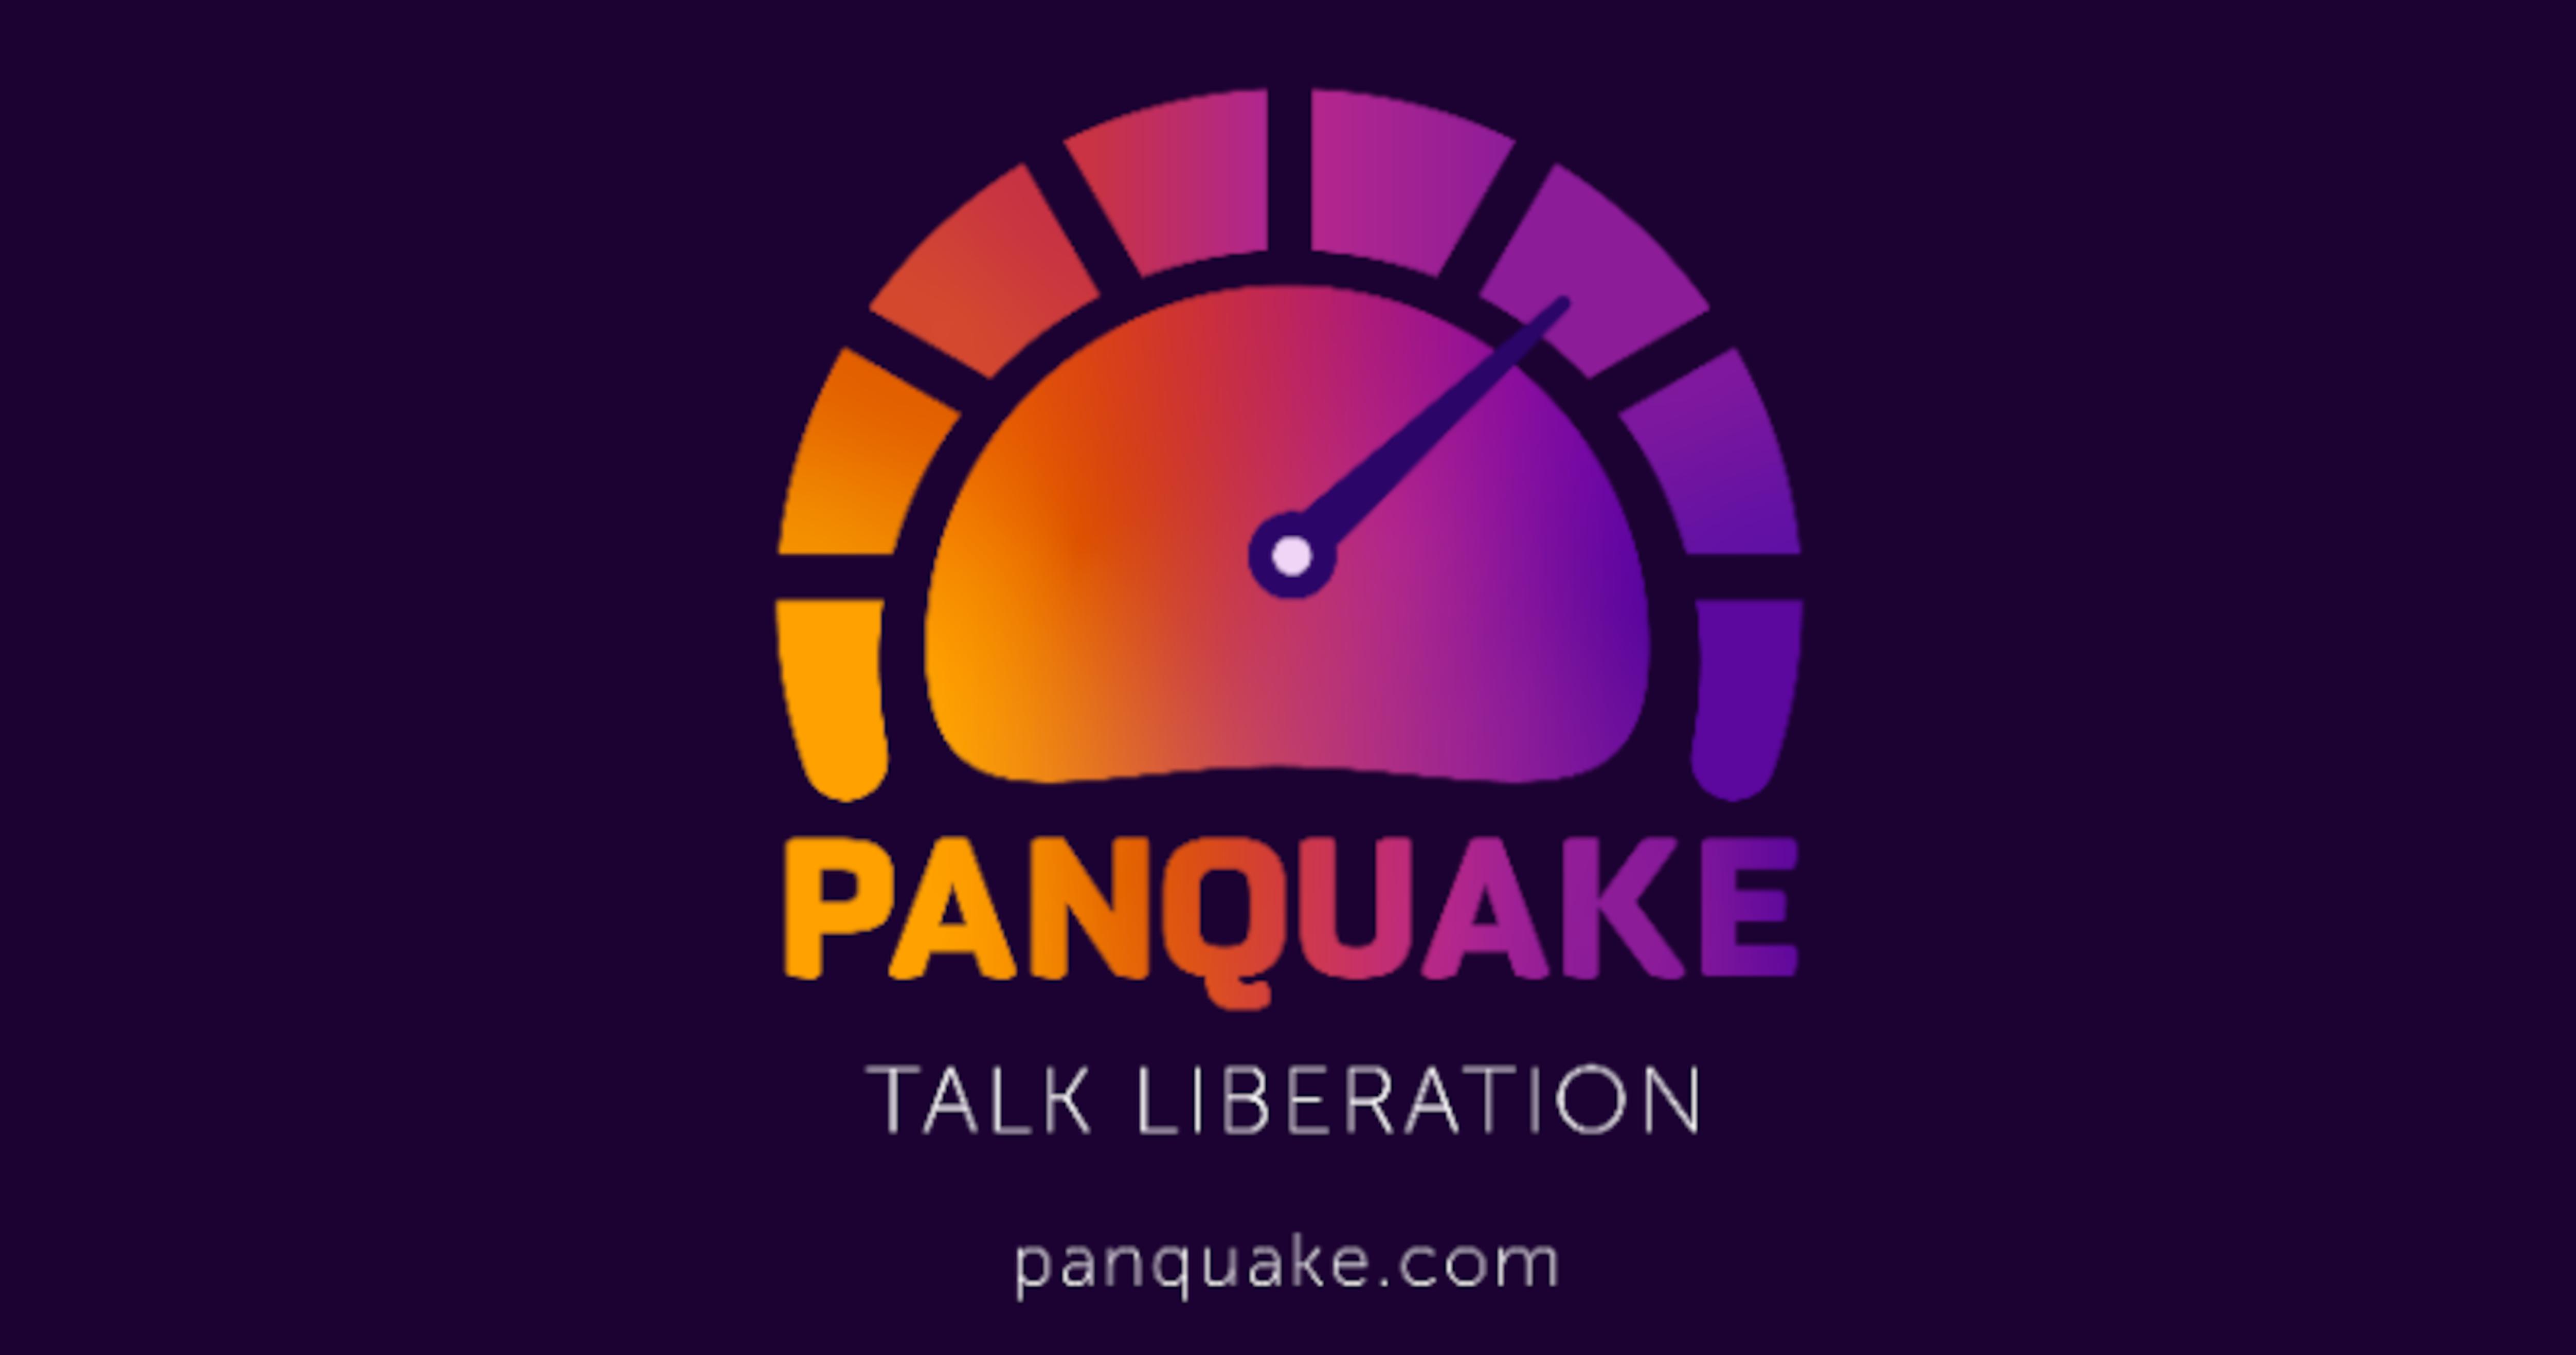 www.panquake.com